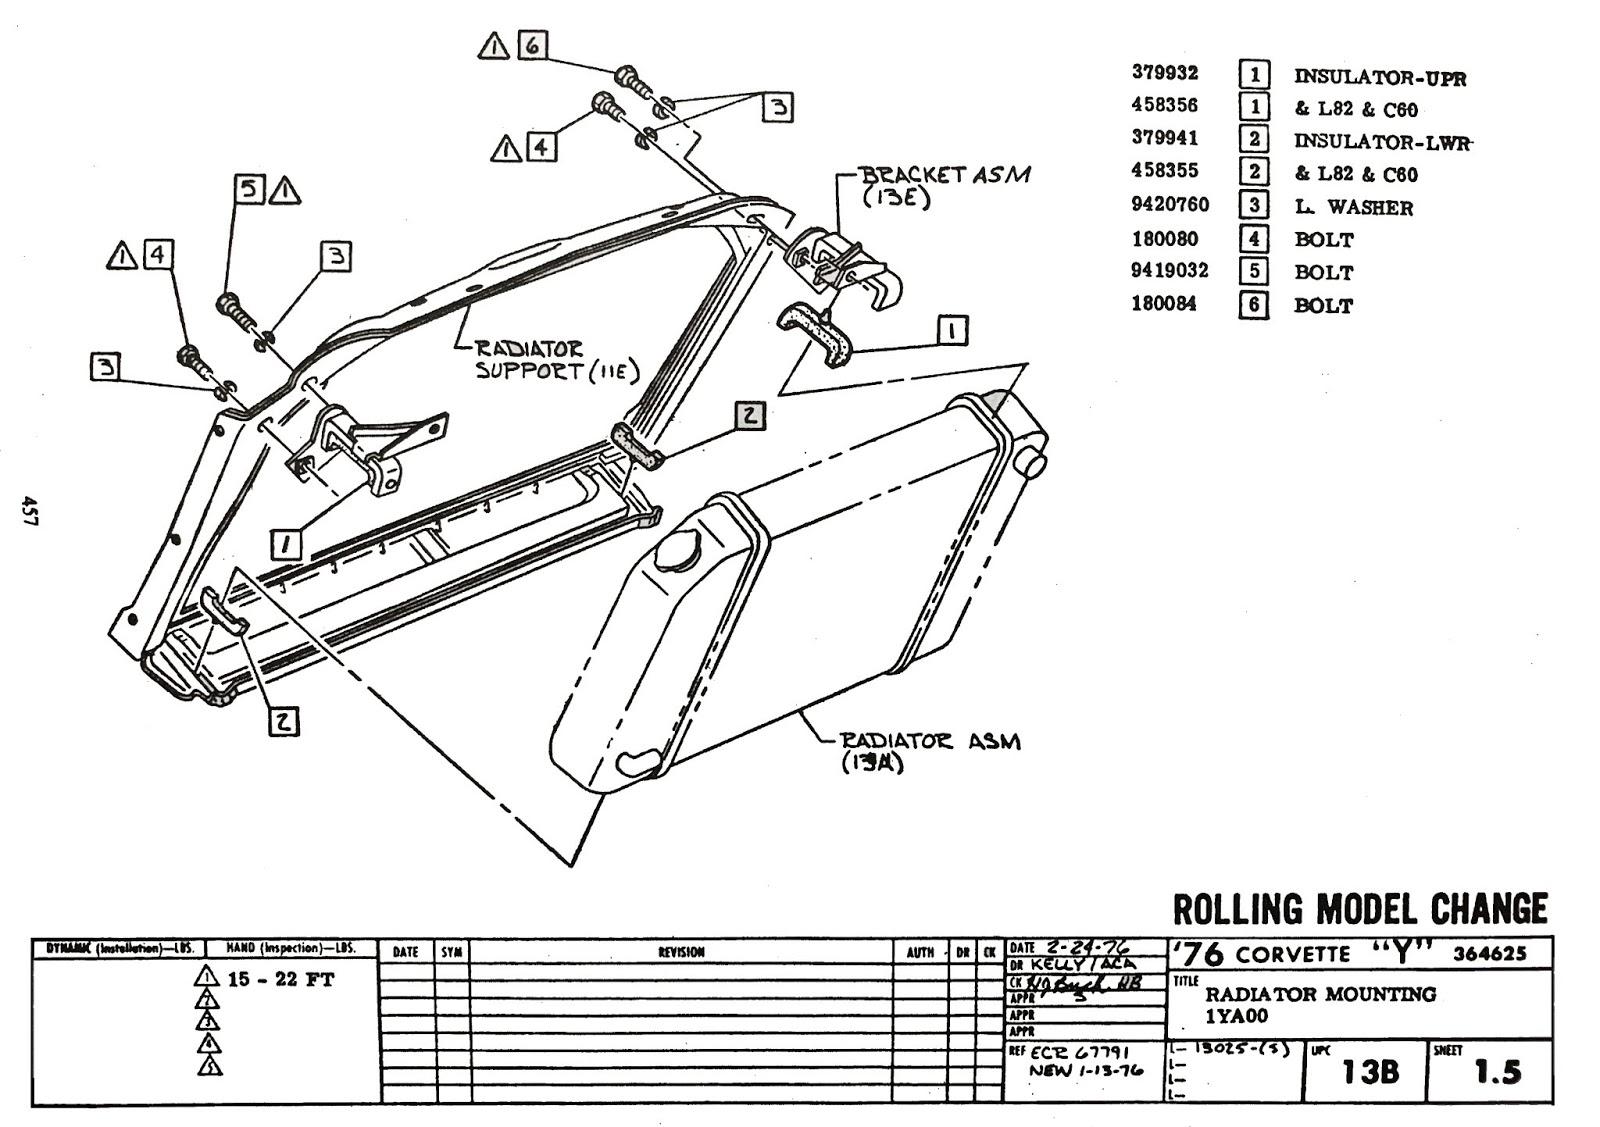 My 1976 Corvette Stingray: Restore, Repair, Detail, Drive